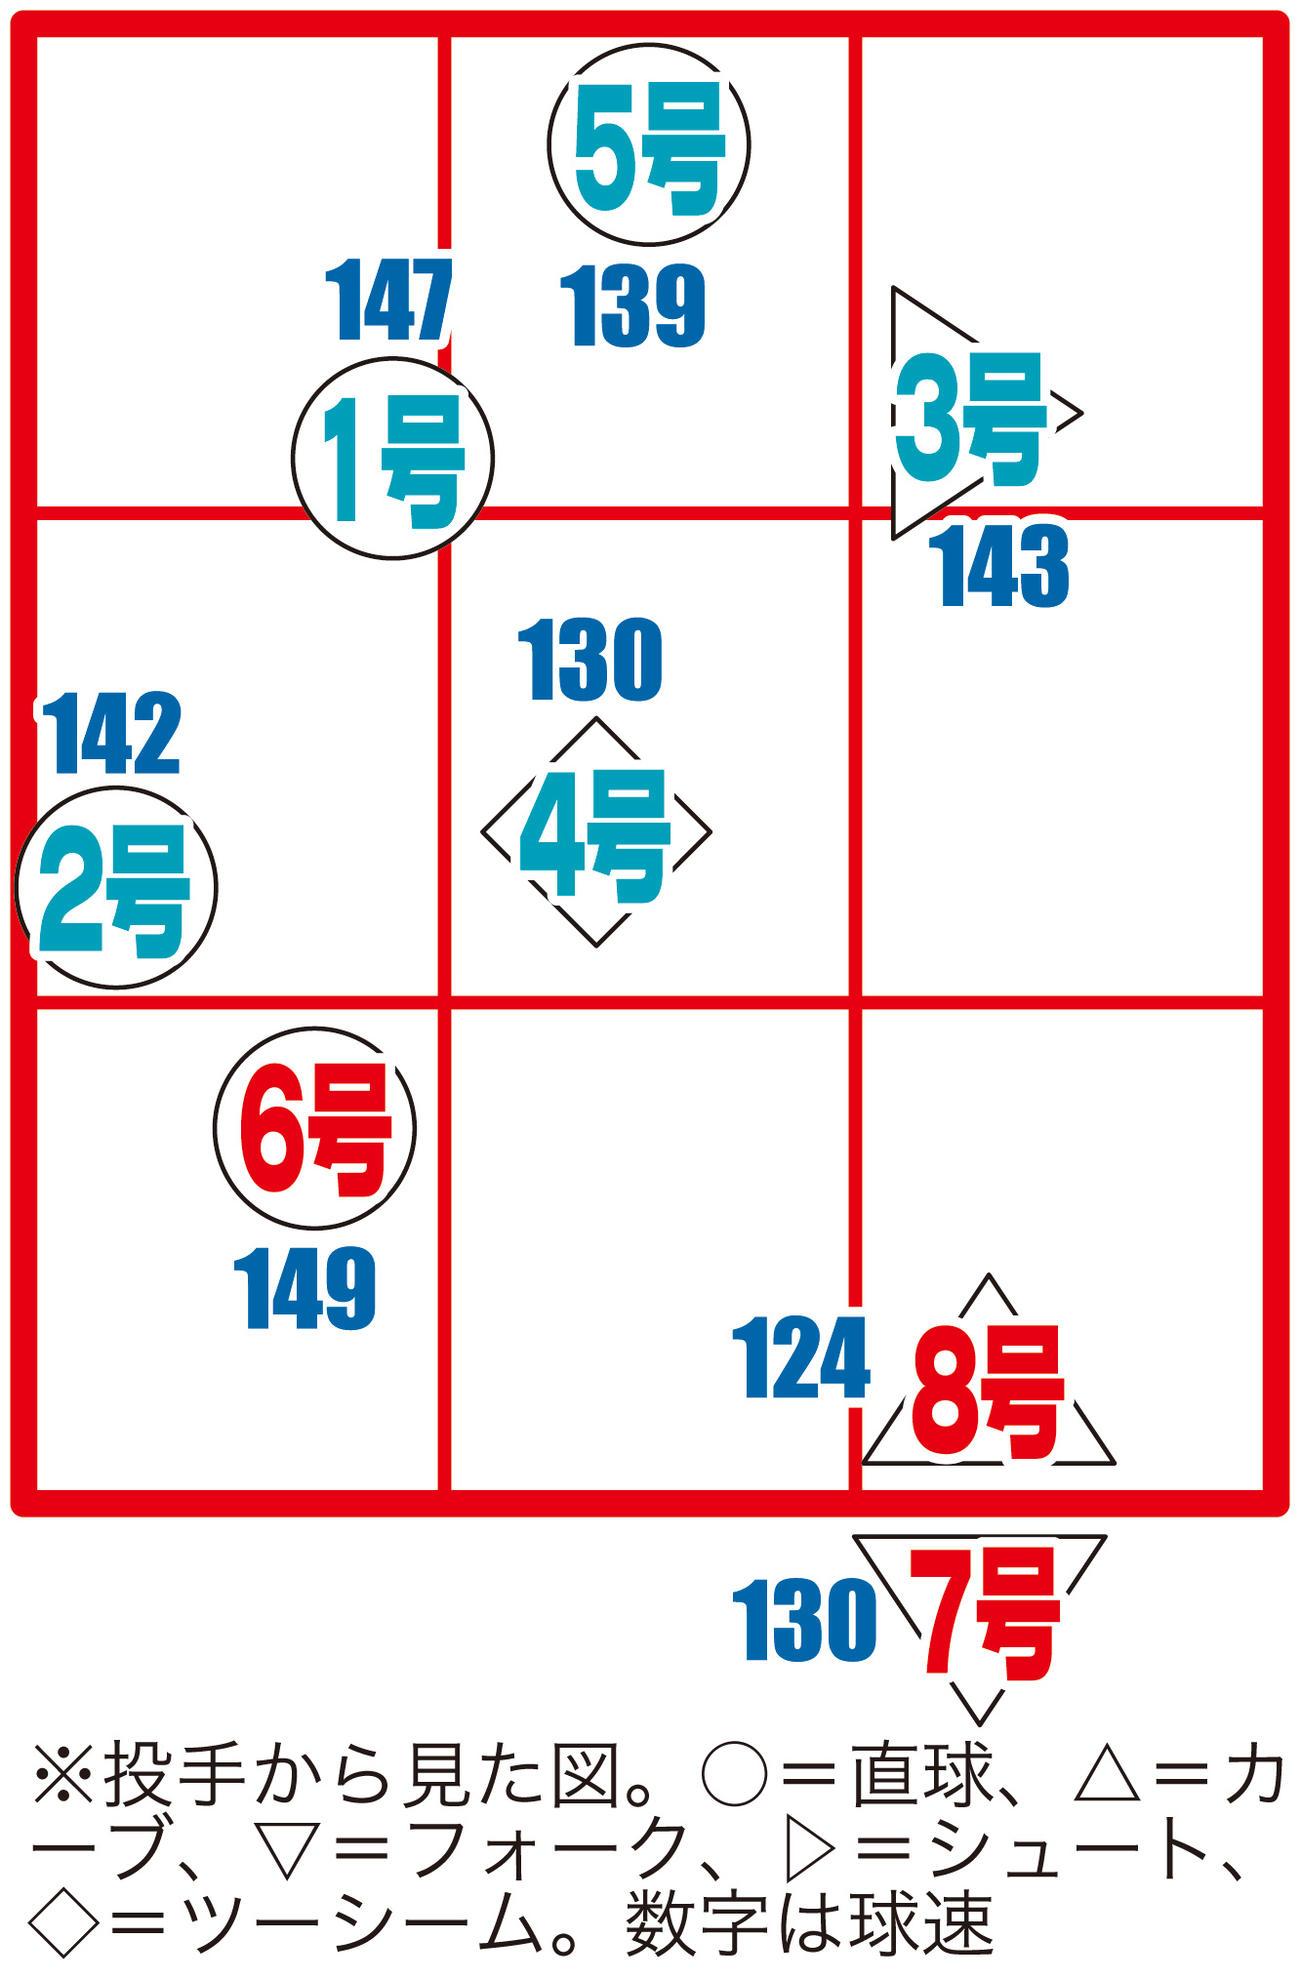 楽天浅村の今季本塁打